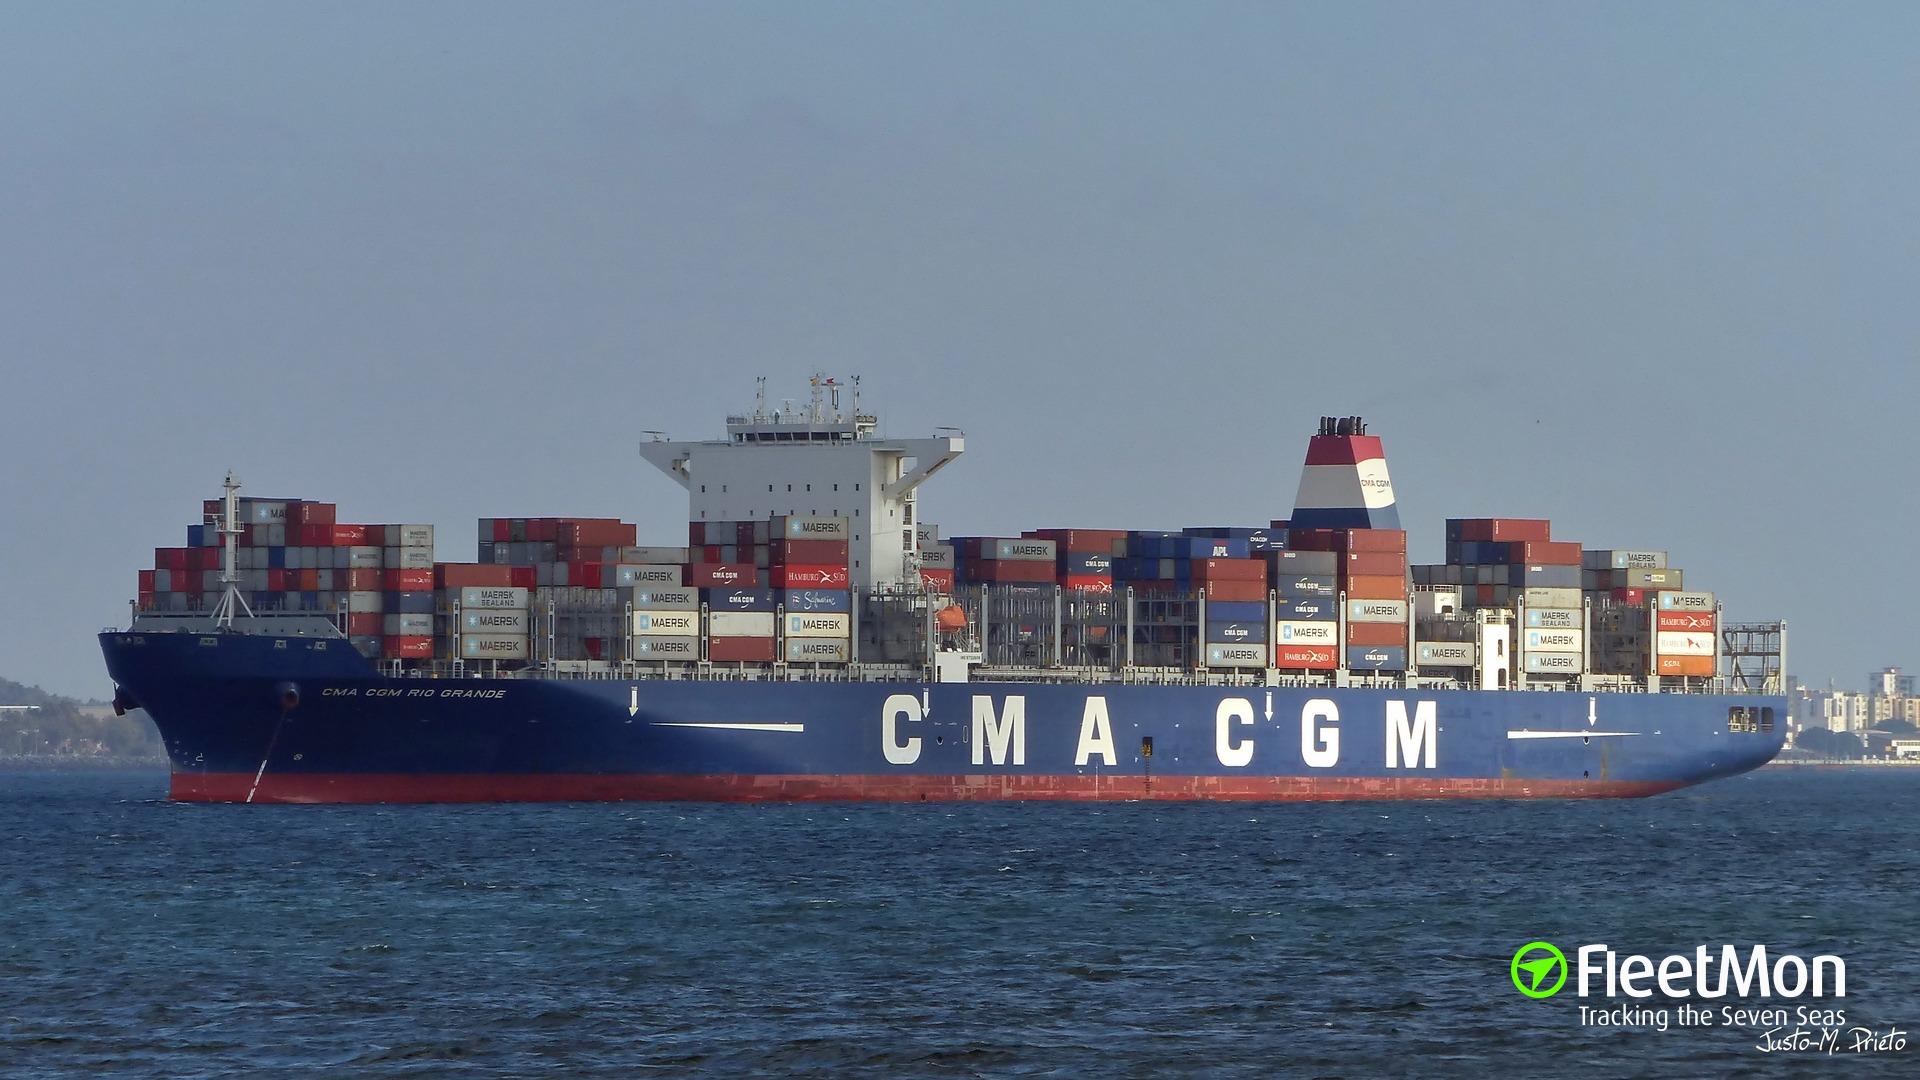 Share Photo Of CMA CGM RIO GRANDE